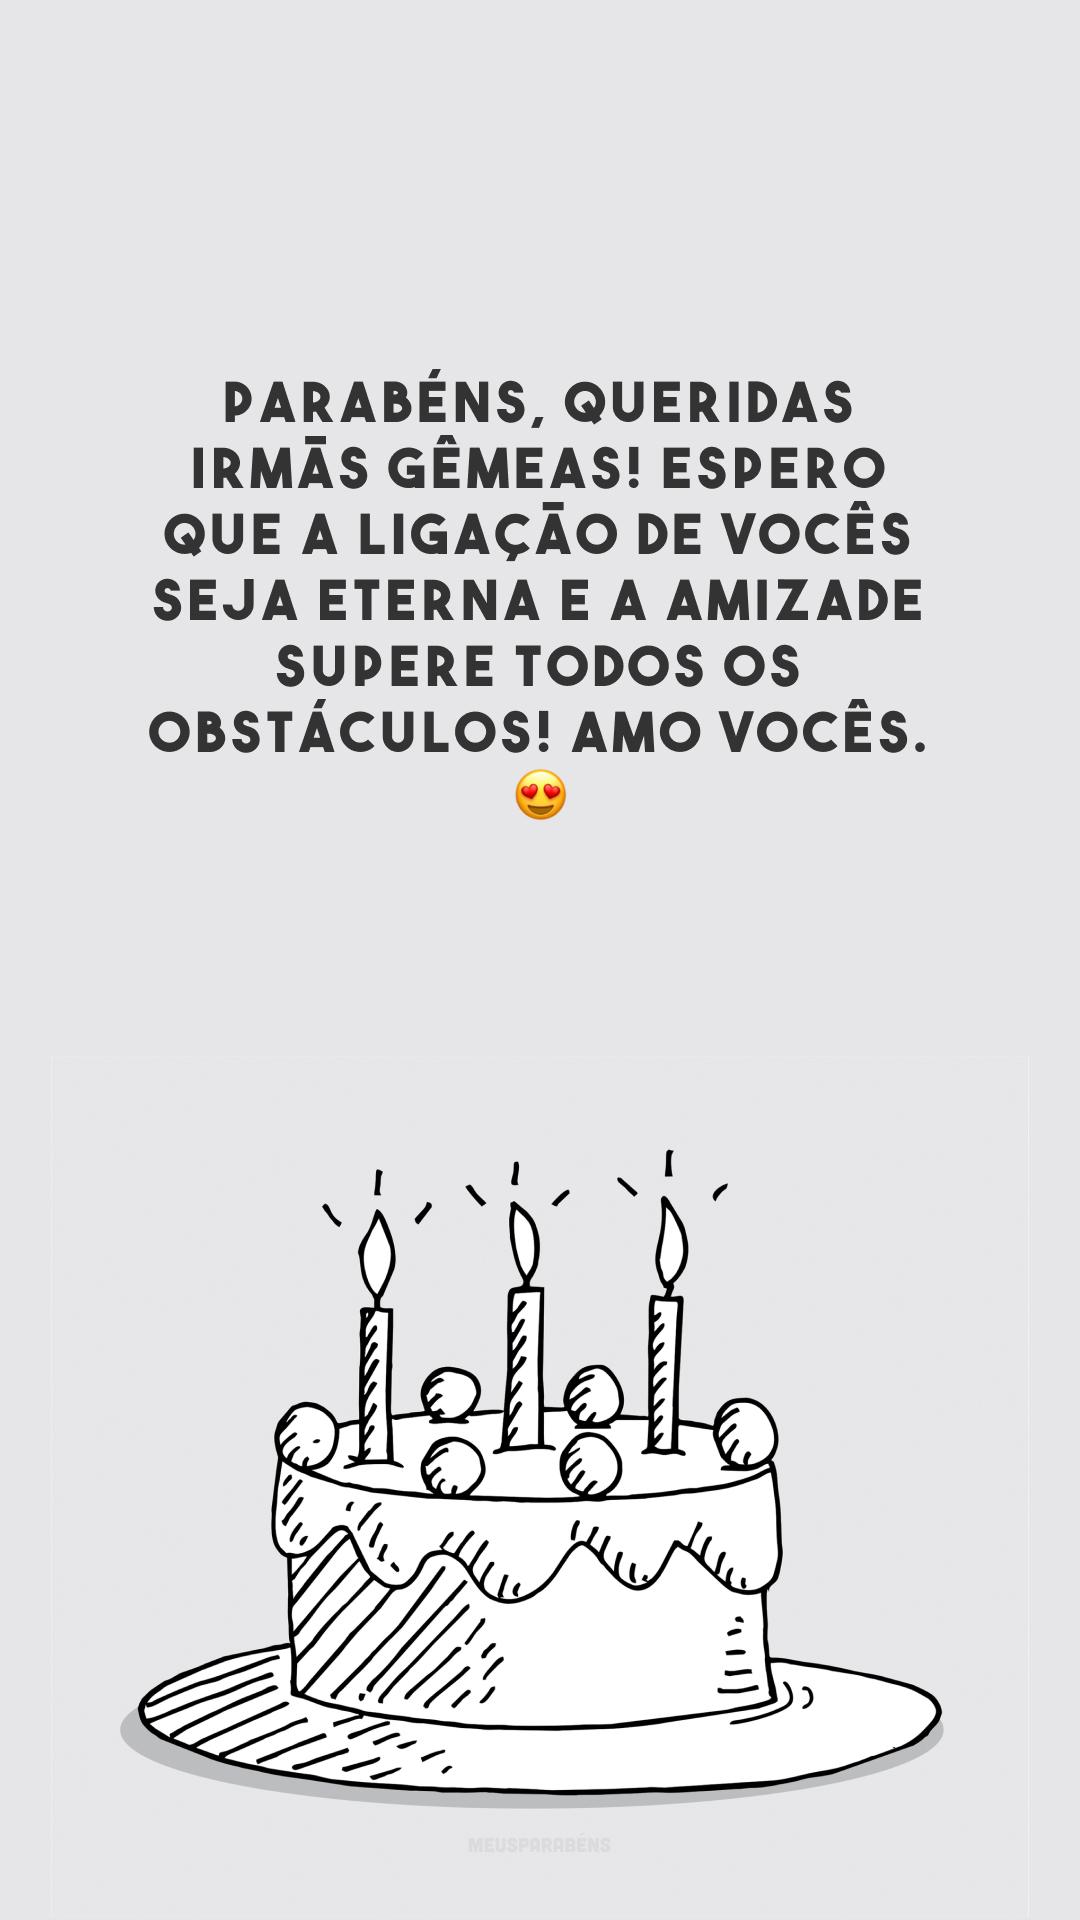 Parabéns, queridas irmãs gêmeas! Espero que a ligação de vocês seja eterna e a amizade supere todos os obstáculos! Amo vocês. 😍